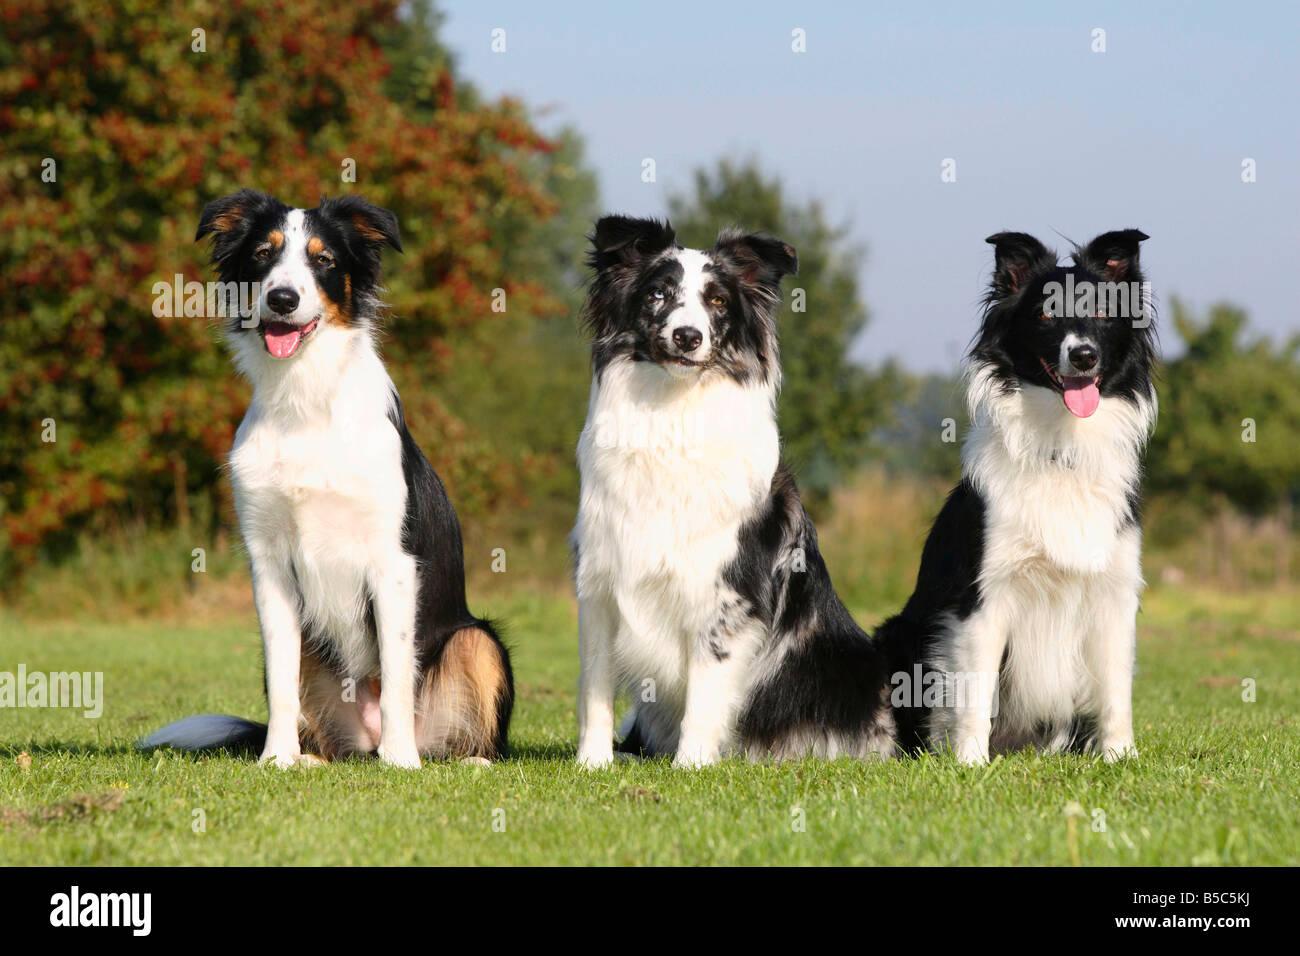 Dog Et Bergers Australiens Blue Merle Et Noir Et Blanc